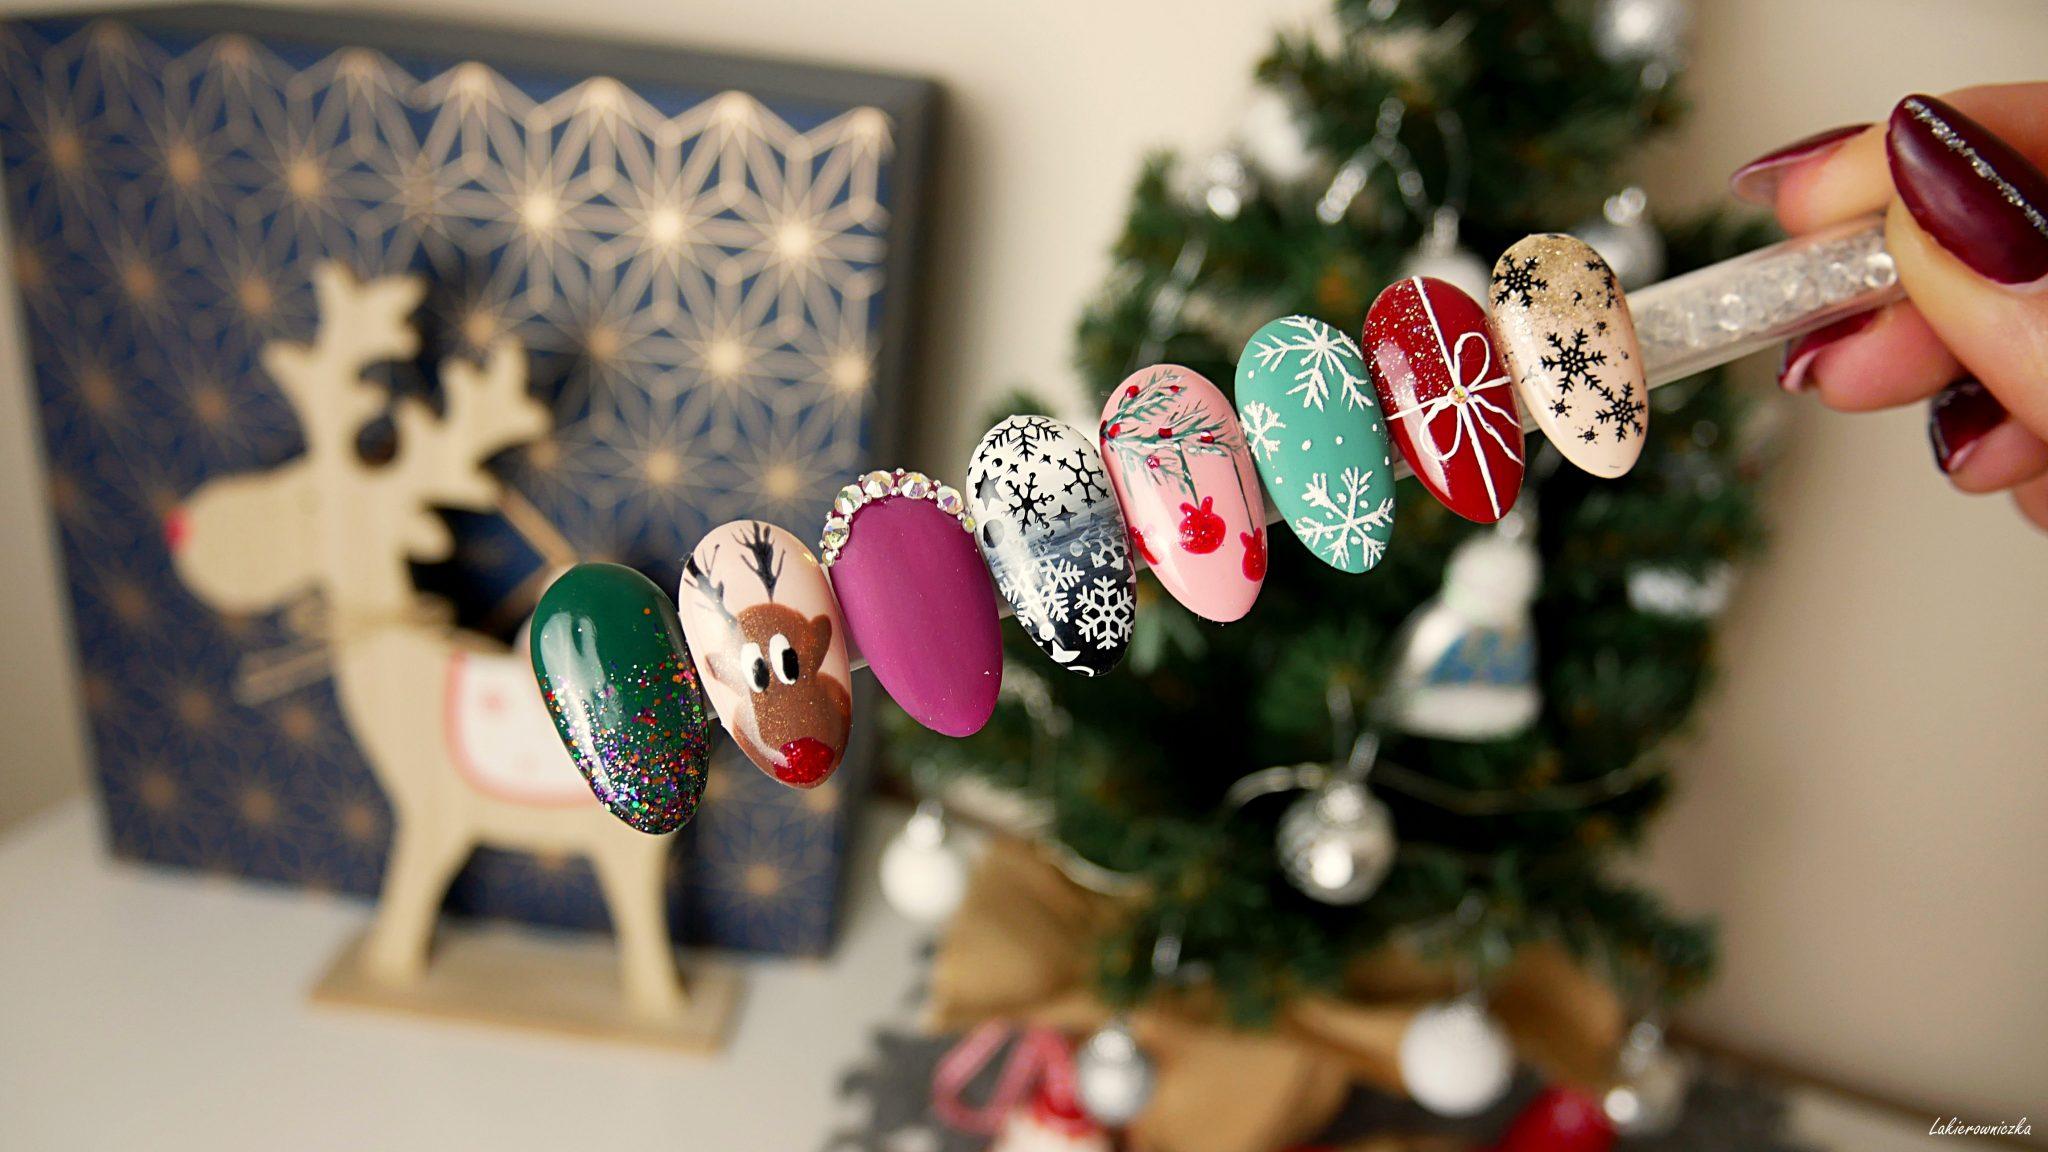 winter-nails-christmas-hybryd-nailart-snowflakie-zimowe-paznokcie-swiateczne-hybrydy-Lakierowniczka